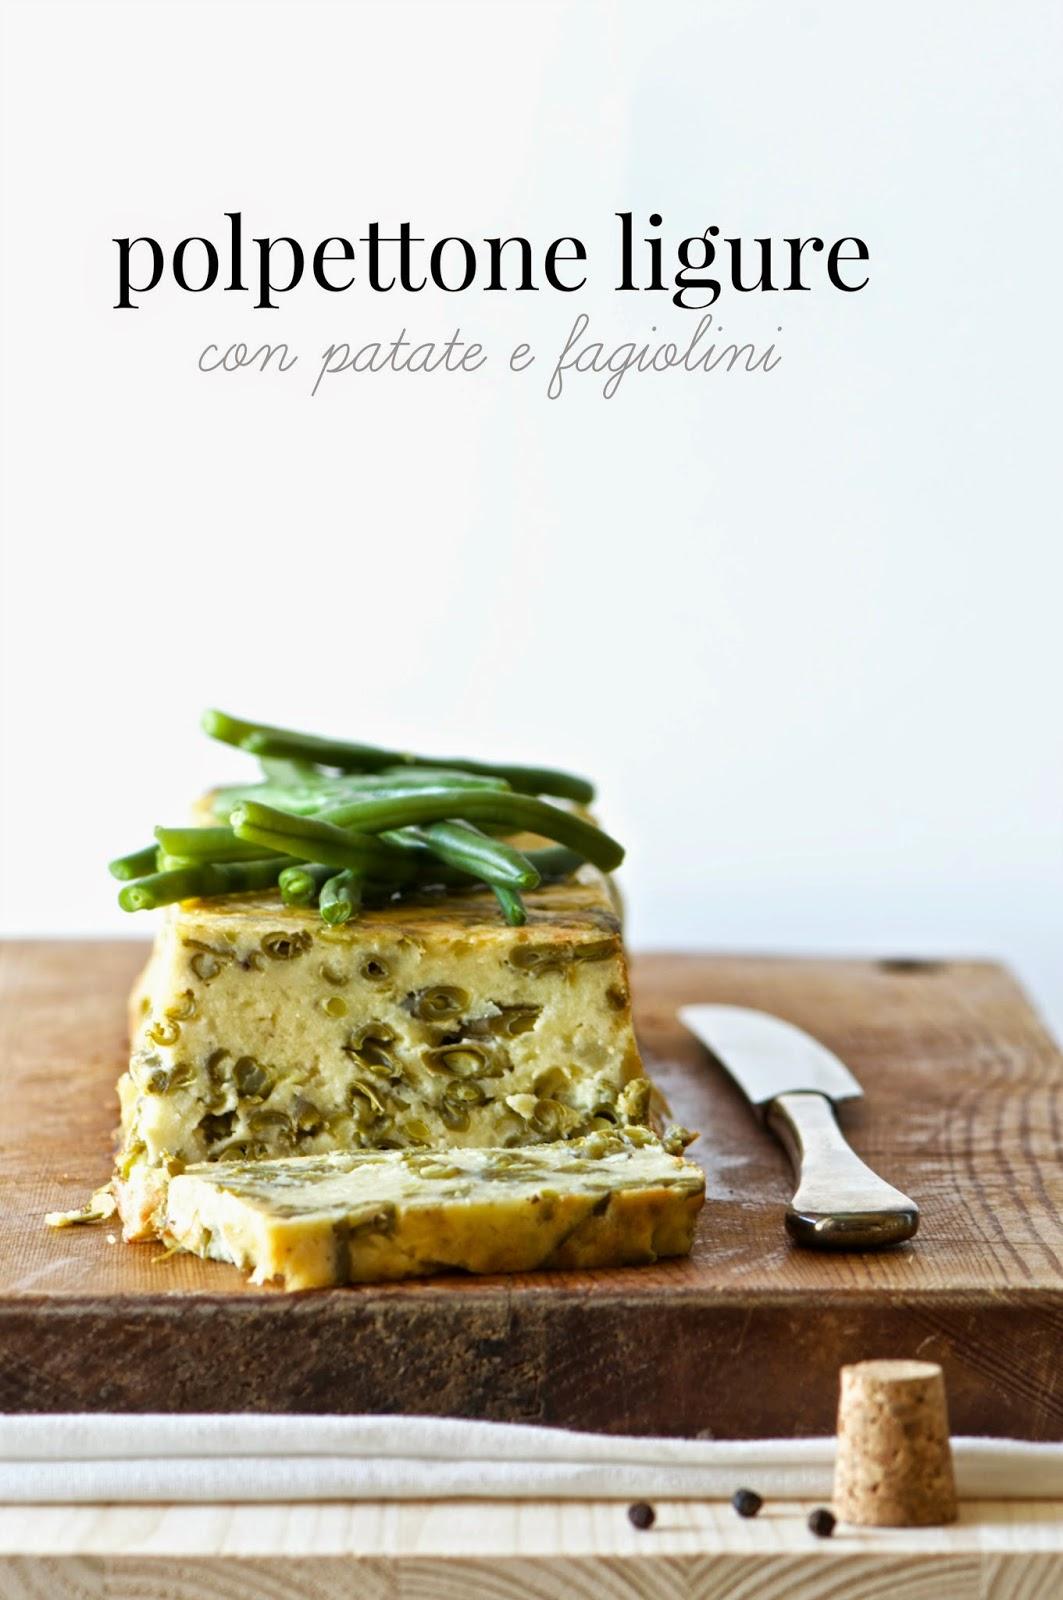 Polpettone Ligure Con Patate E Fagiolini Ricetta Ed Ingredienti Dei  #4A6219 1063 1600 Polpettone Classico Cucina